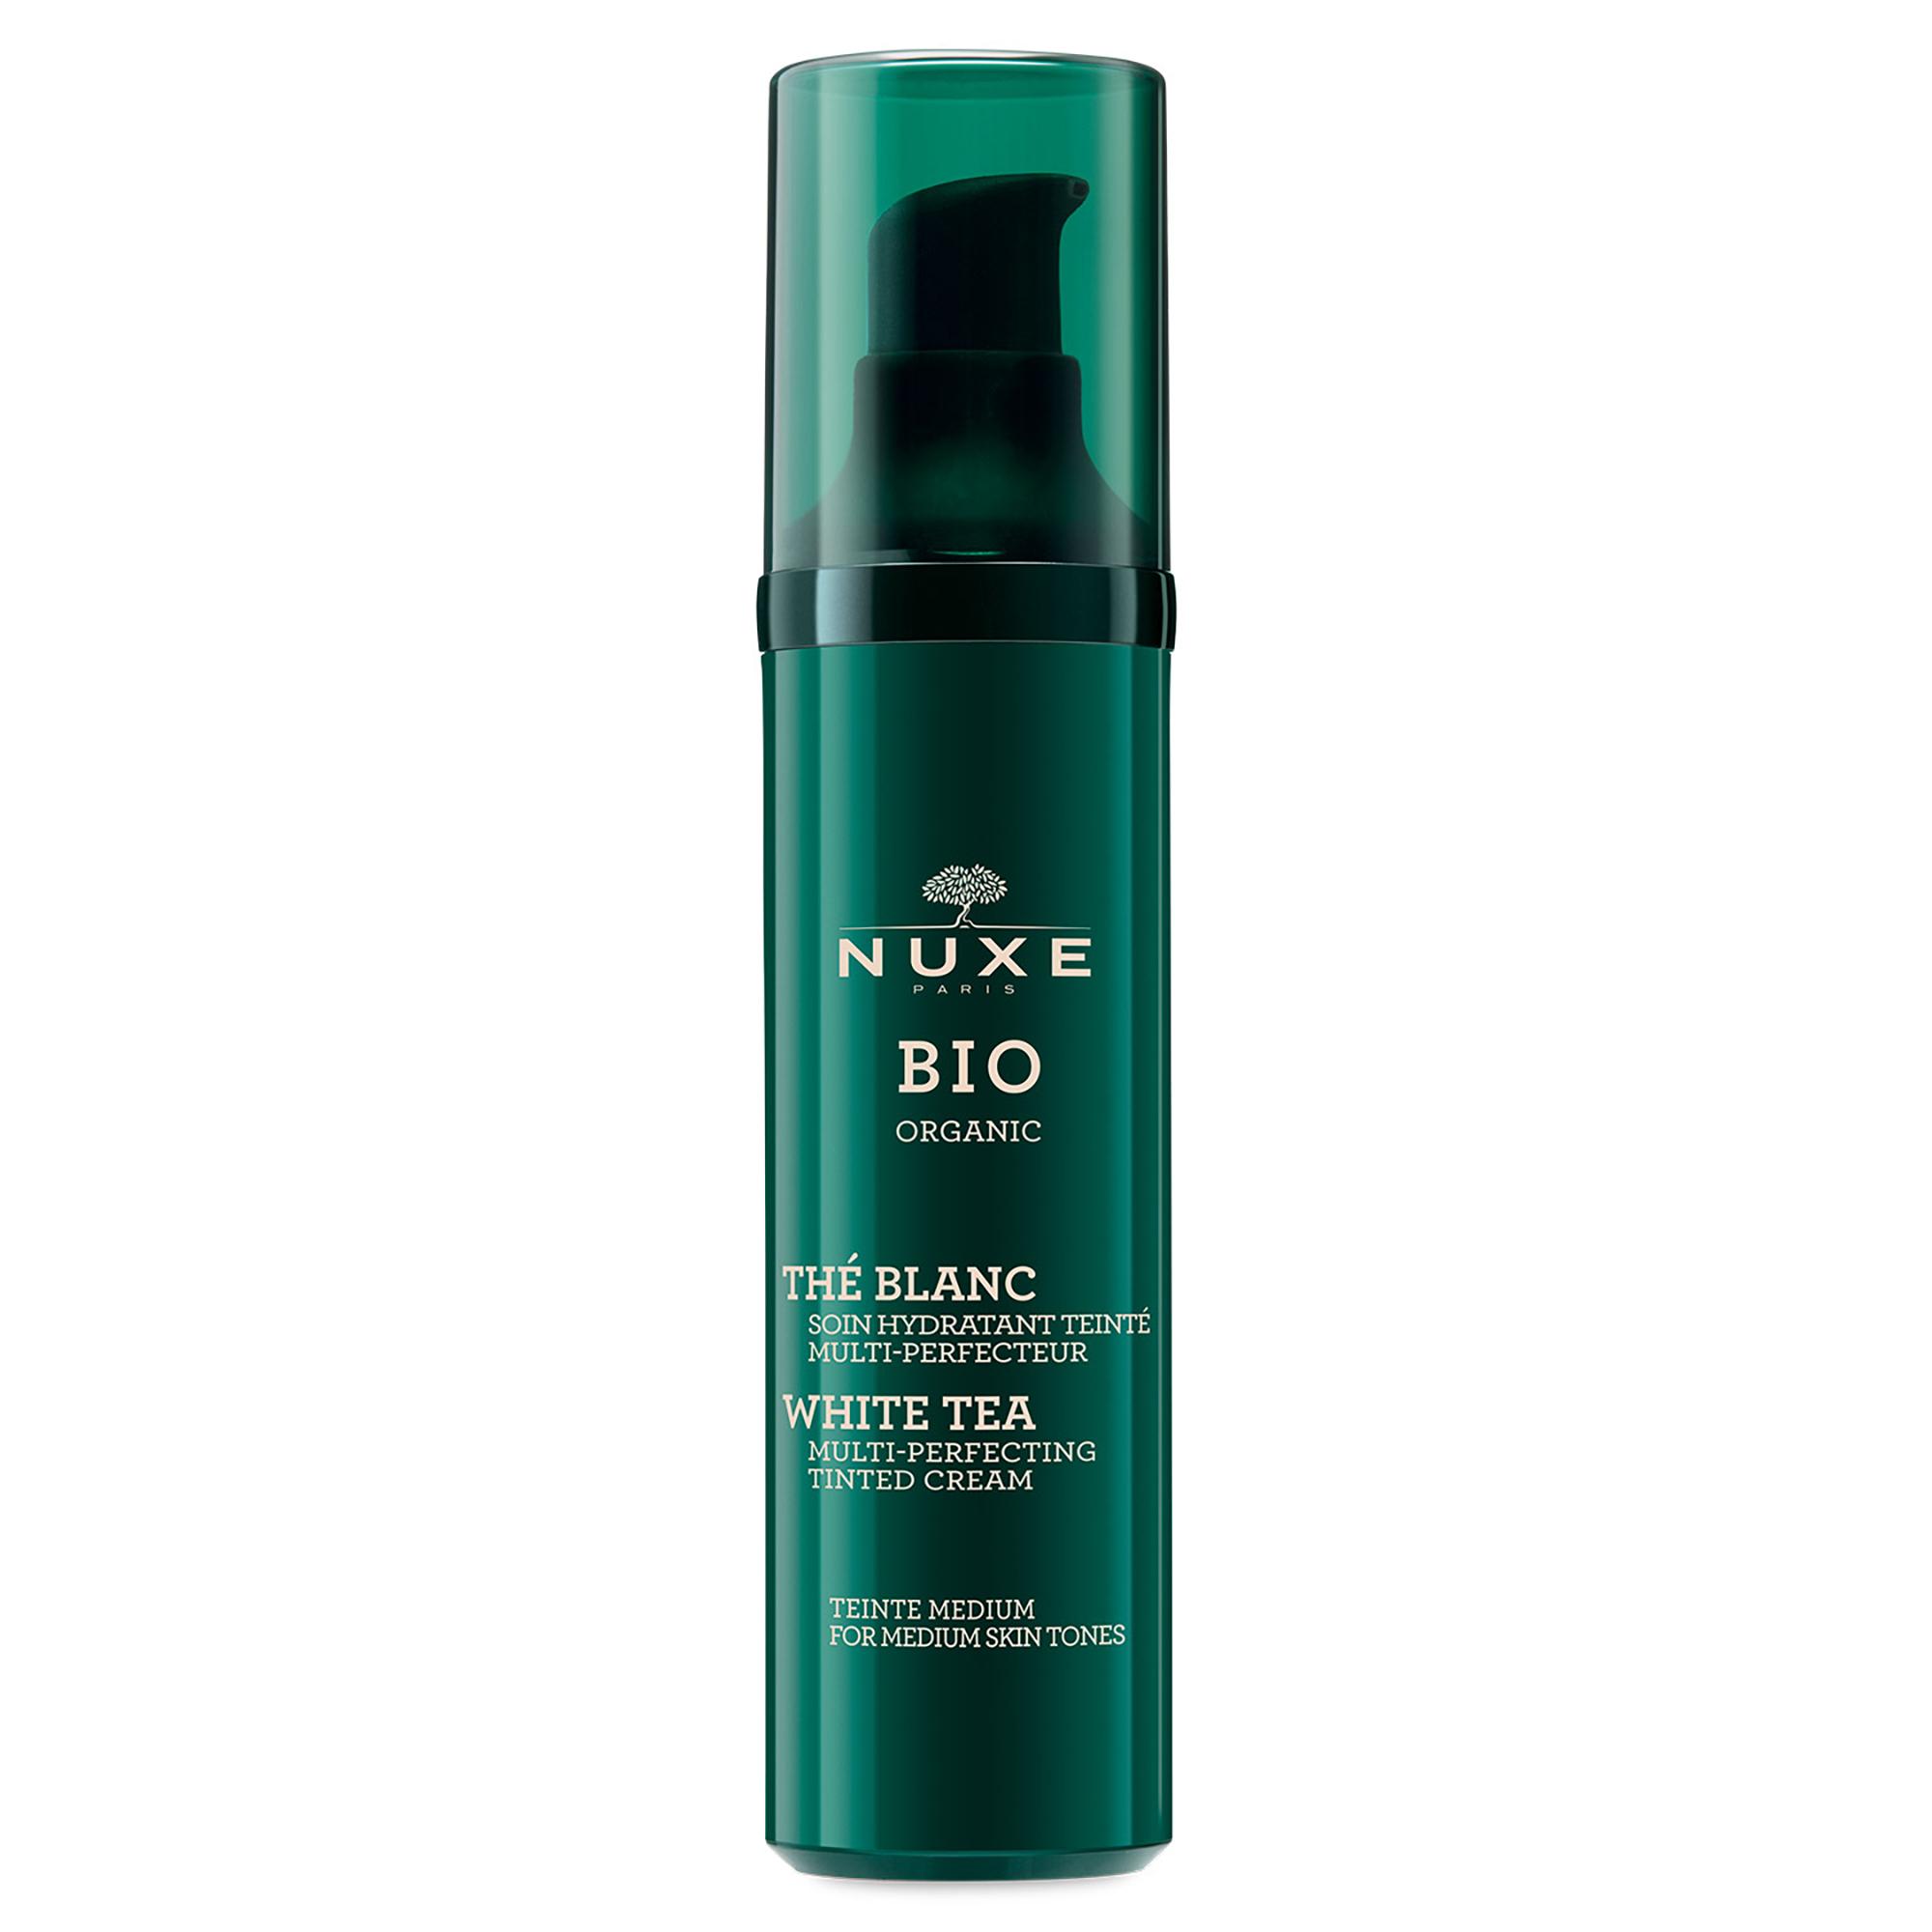 Nuxe Bio Multi-Perfecting Tinted Cream, medium